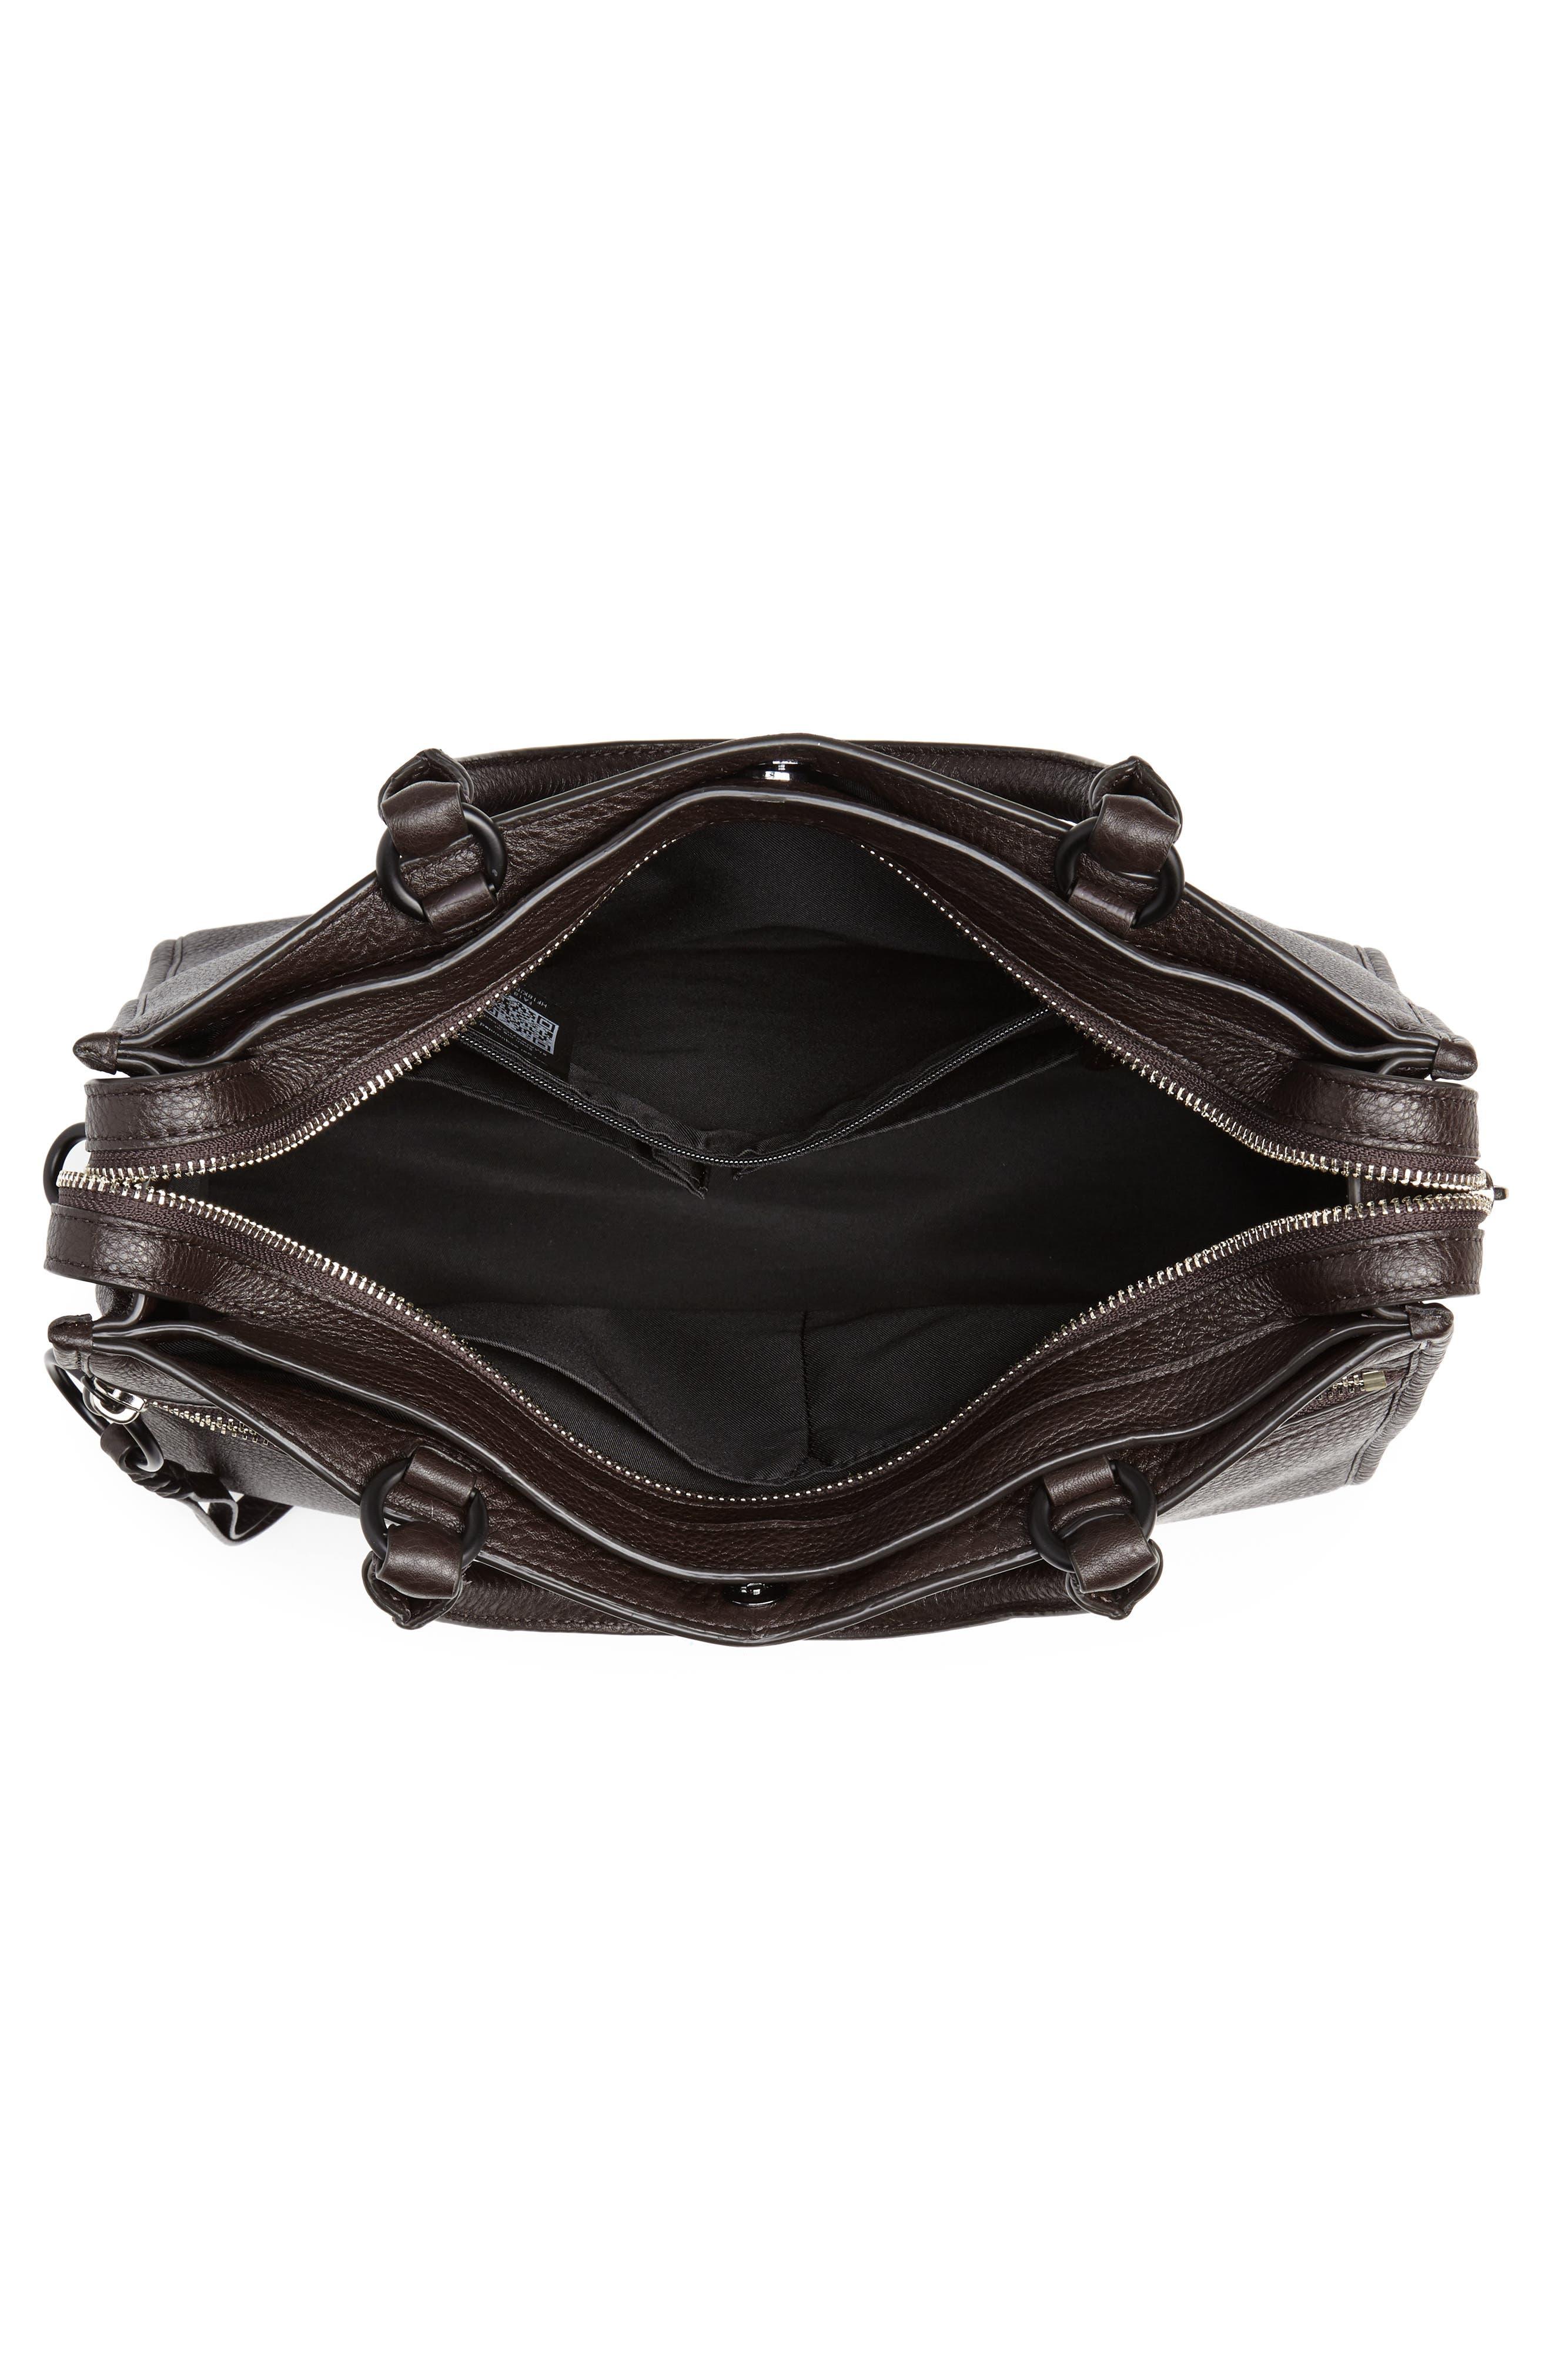 Bedford Zip Leather Satchel,                             Alternate thumbnail 4, color,                             GANACHE